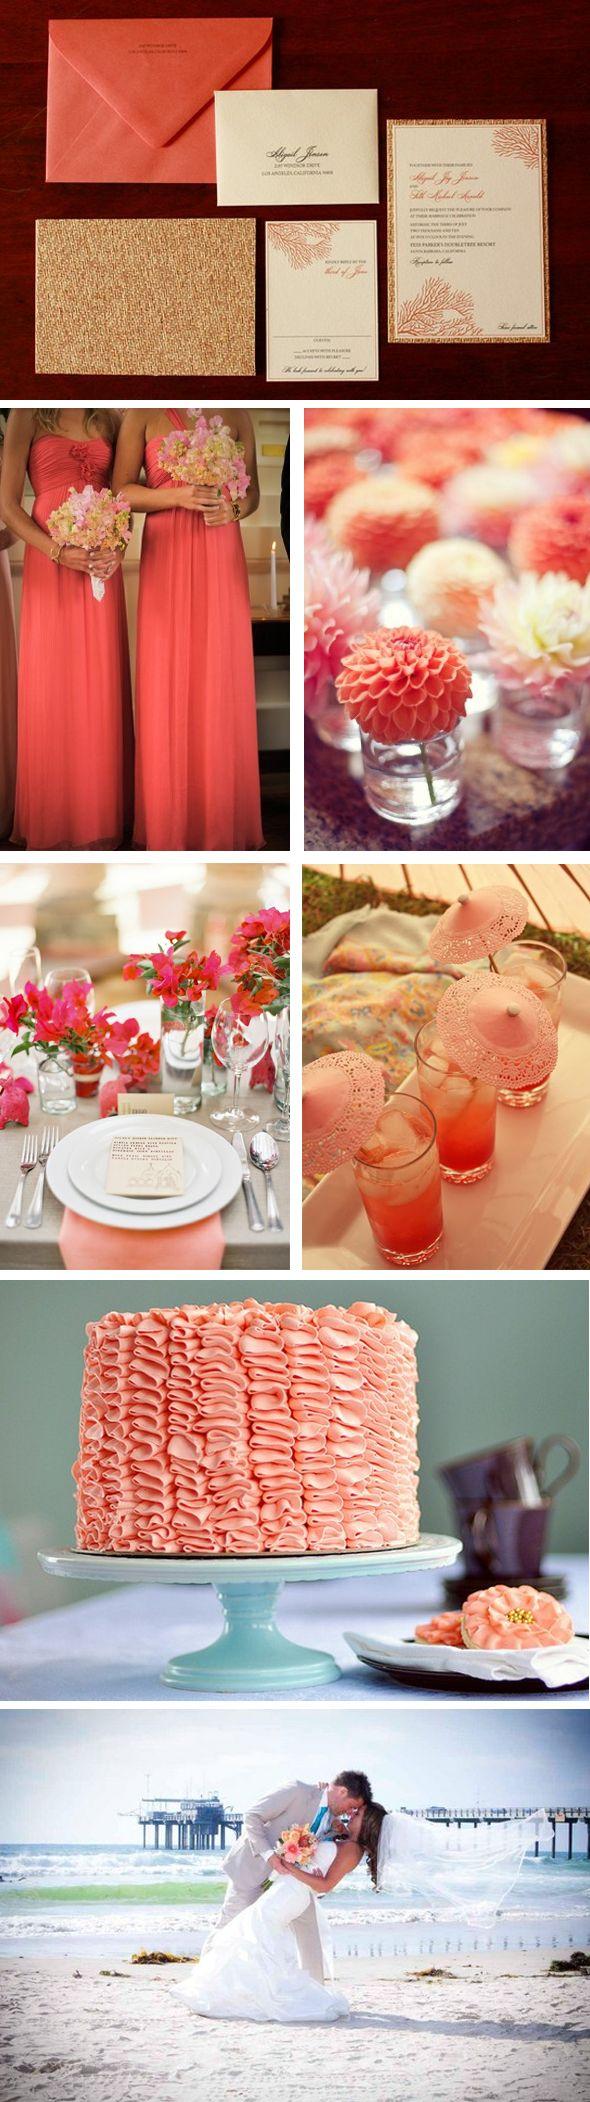 Best 25+ Coral color schemes ideas on Pinterest | Coral aqua nursery, Coral  color and Coral color decor